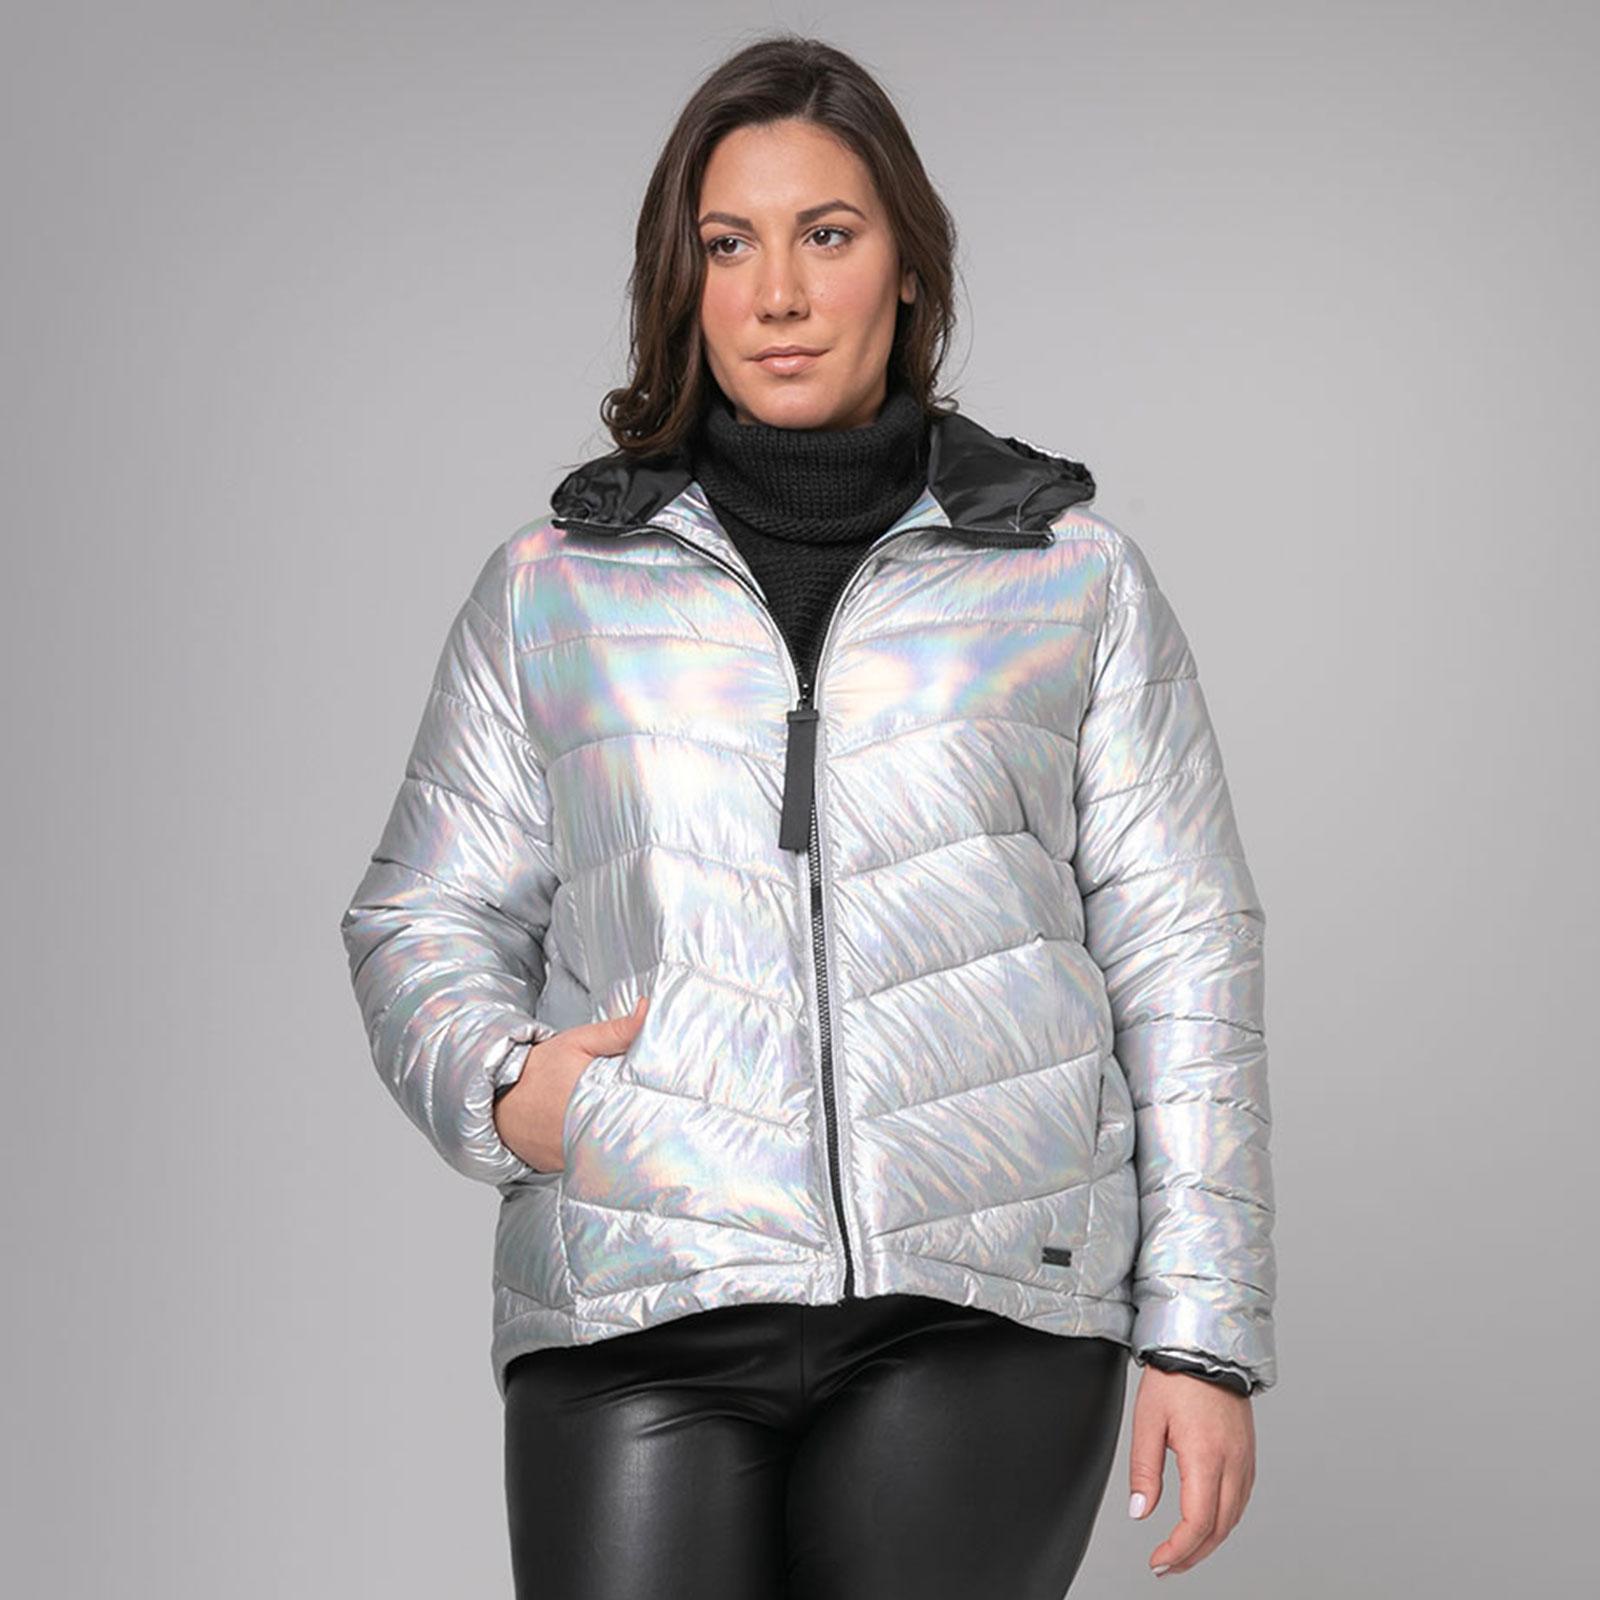 Μία από τις αγαπημένες τάσεις του χειμώνα είναι το φουσκωτό μπουφάν. Τα puffer jackets έχουν διακριθεί στο καθημερινό styling και φοριούνται πλέον όλες τις ώρες... Εάν θέλεις να επενδύσεις σε ένα τέτοιο statement piece, αυτό το κομμάτι σε ασημί hologram θα σε εντυπωσιάσει!